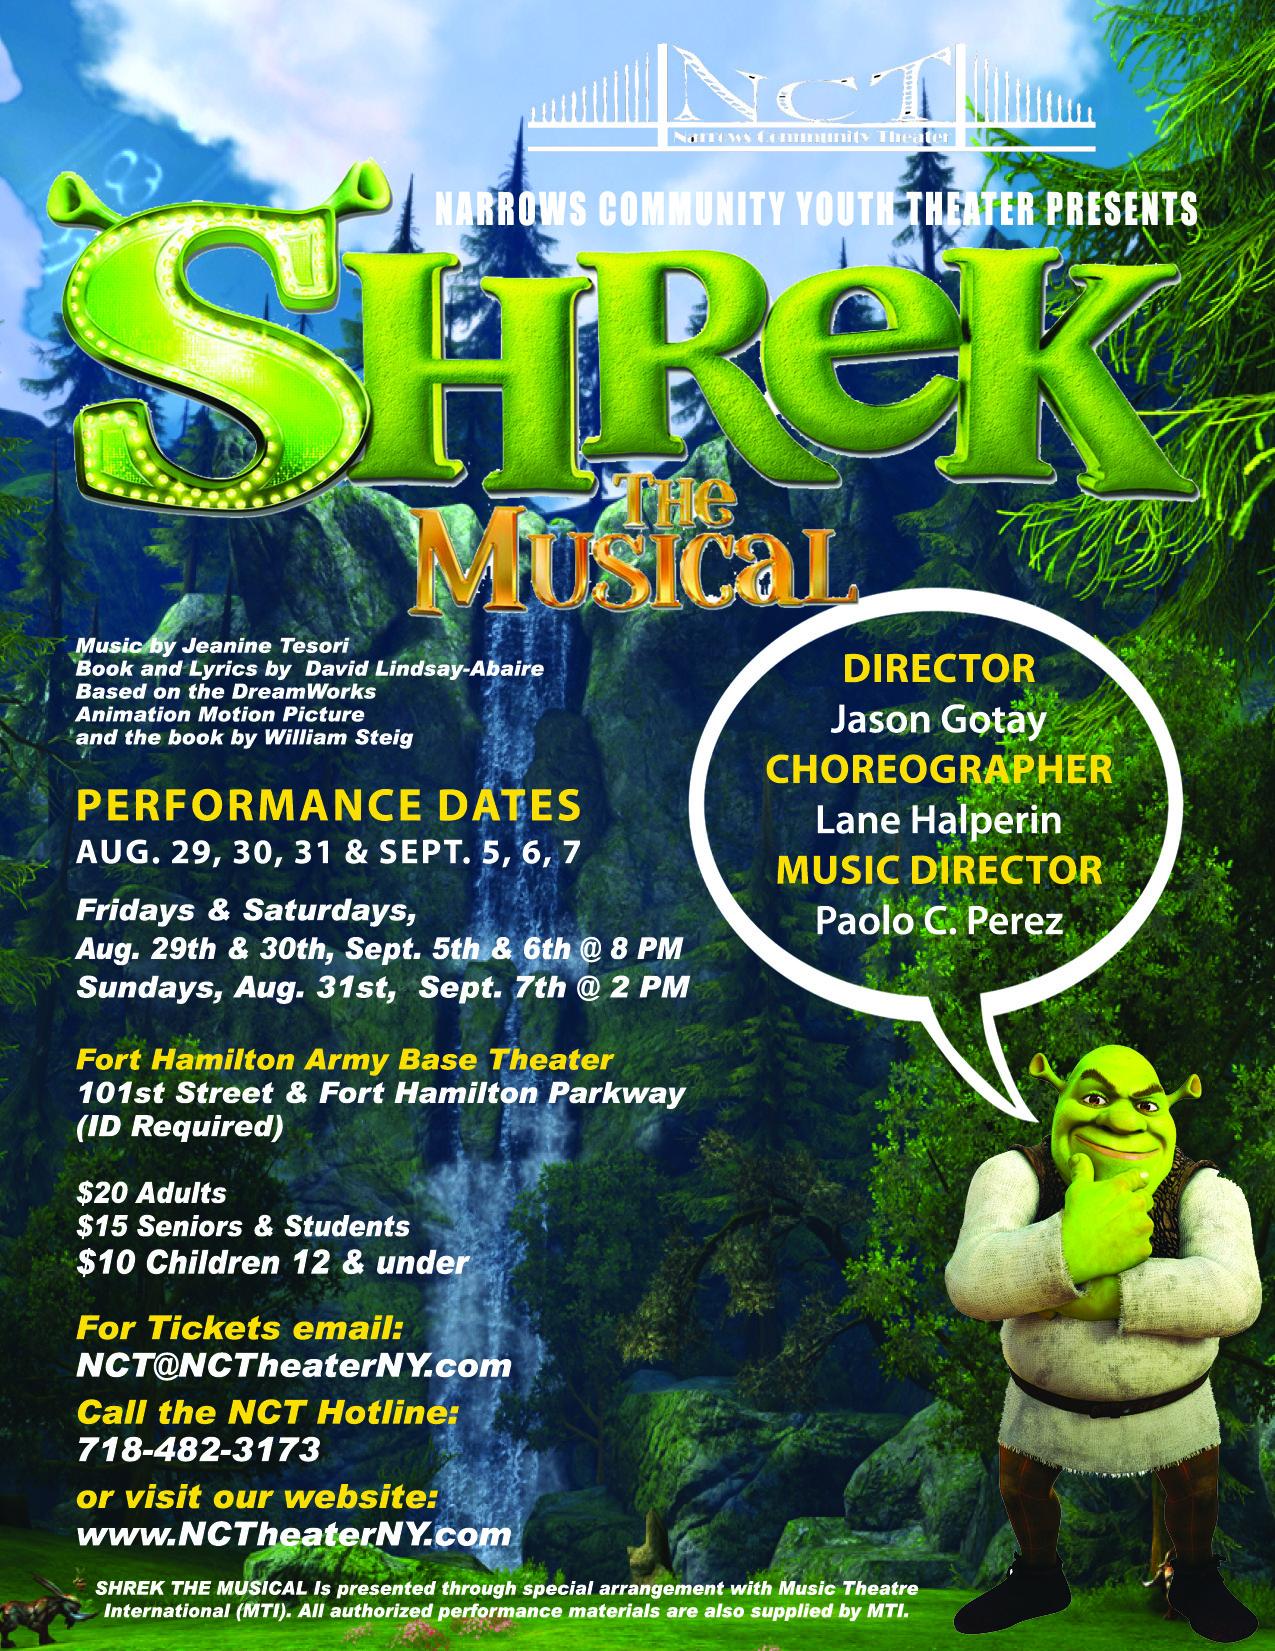 SHREK Flyer outlines